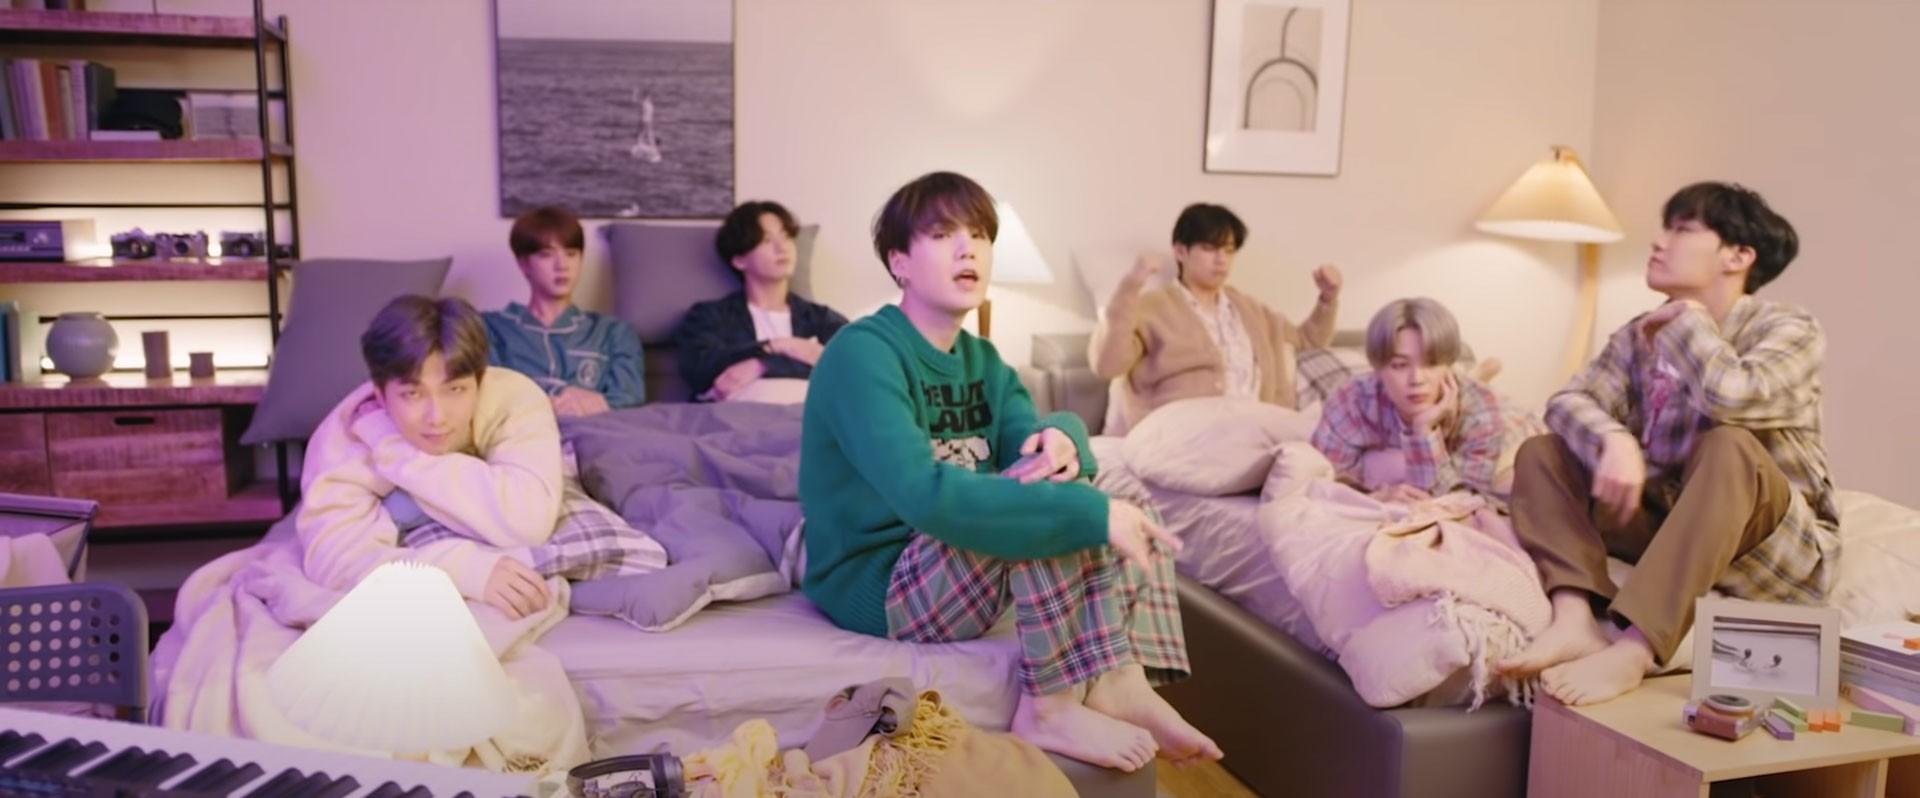 BTS lidera parada de músicas da 'Billboard' pela 1ª vez com canção em coreano, 'Life goes on'